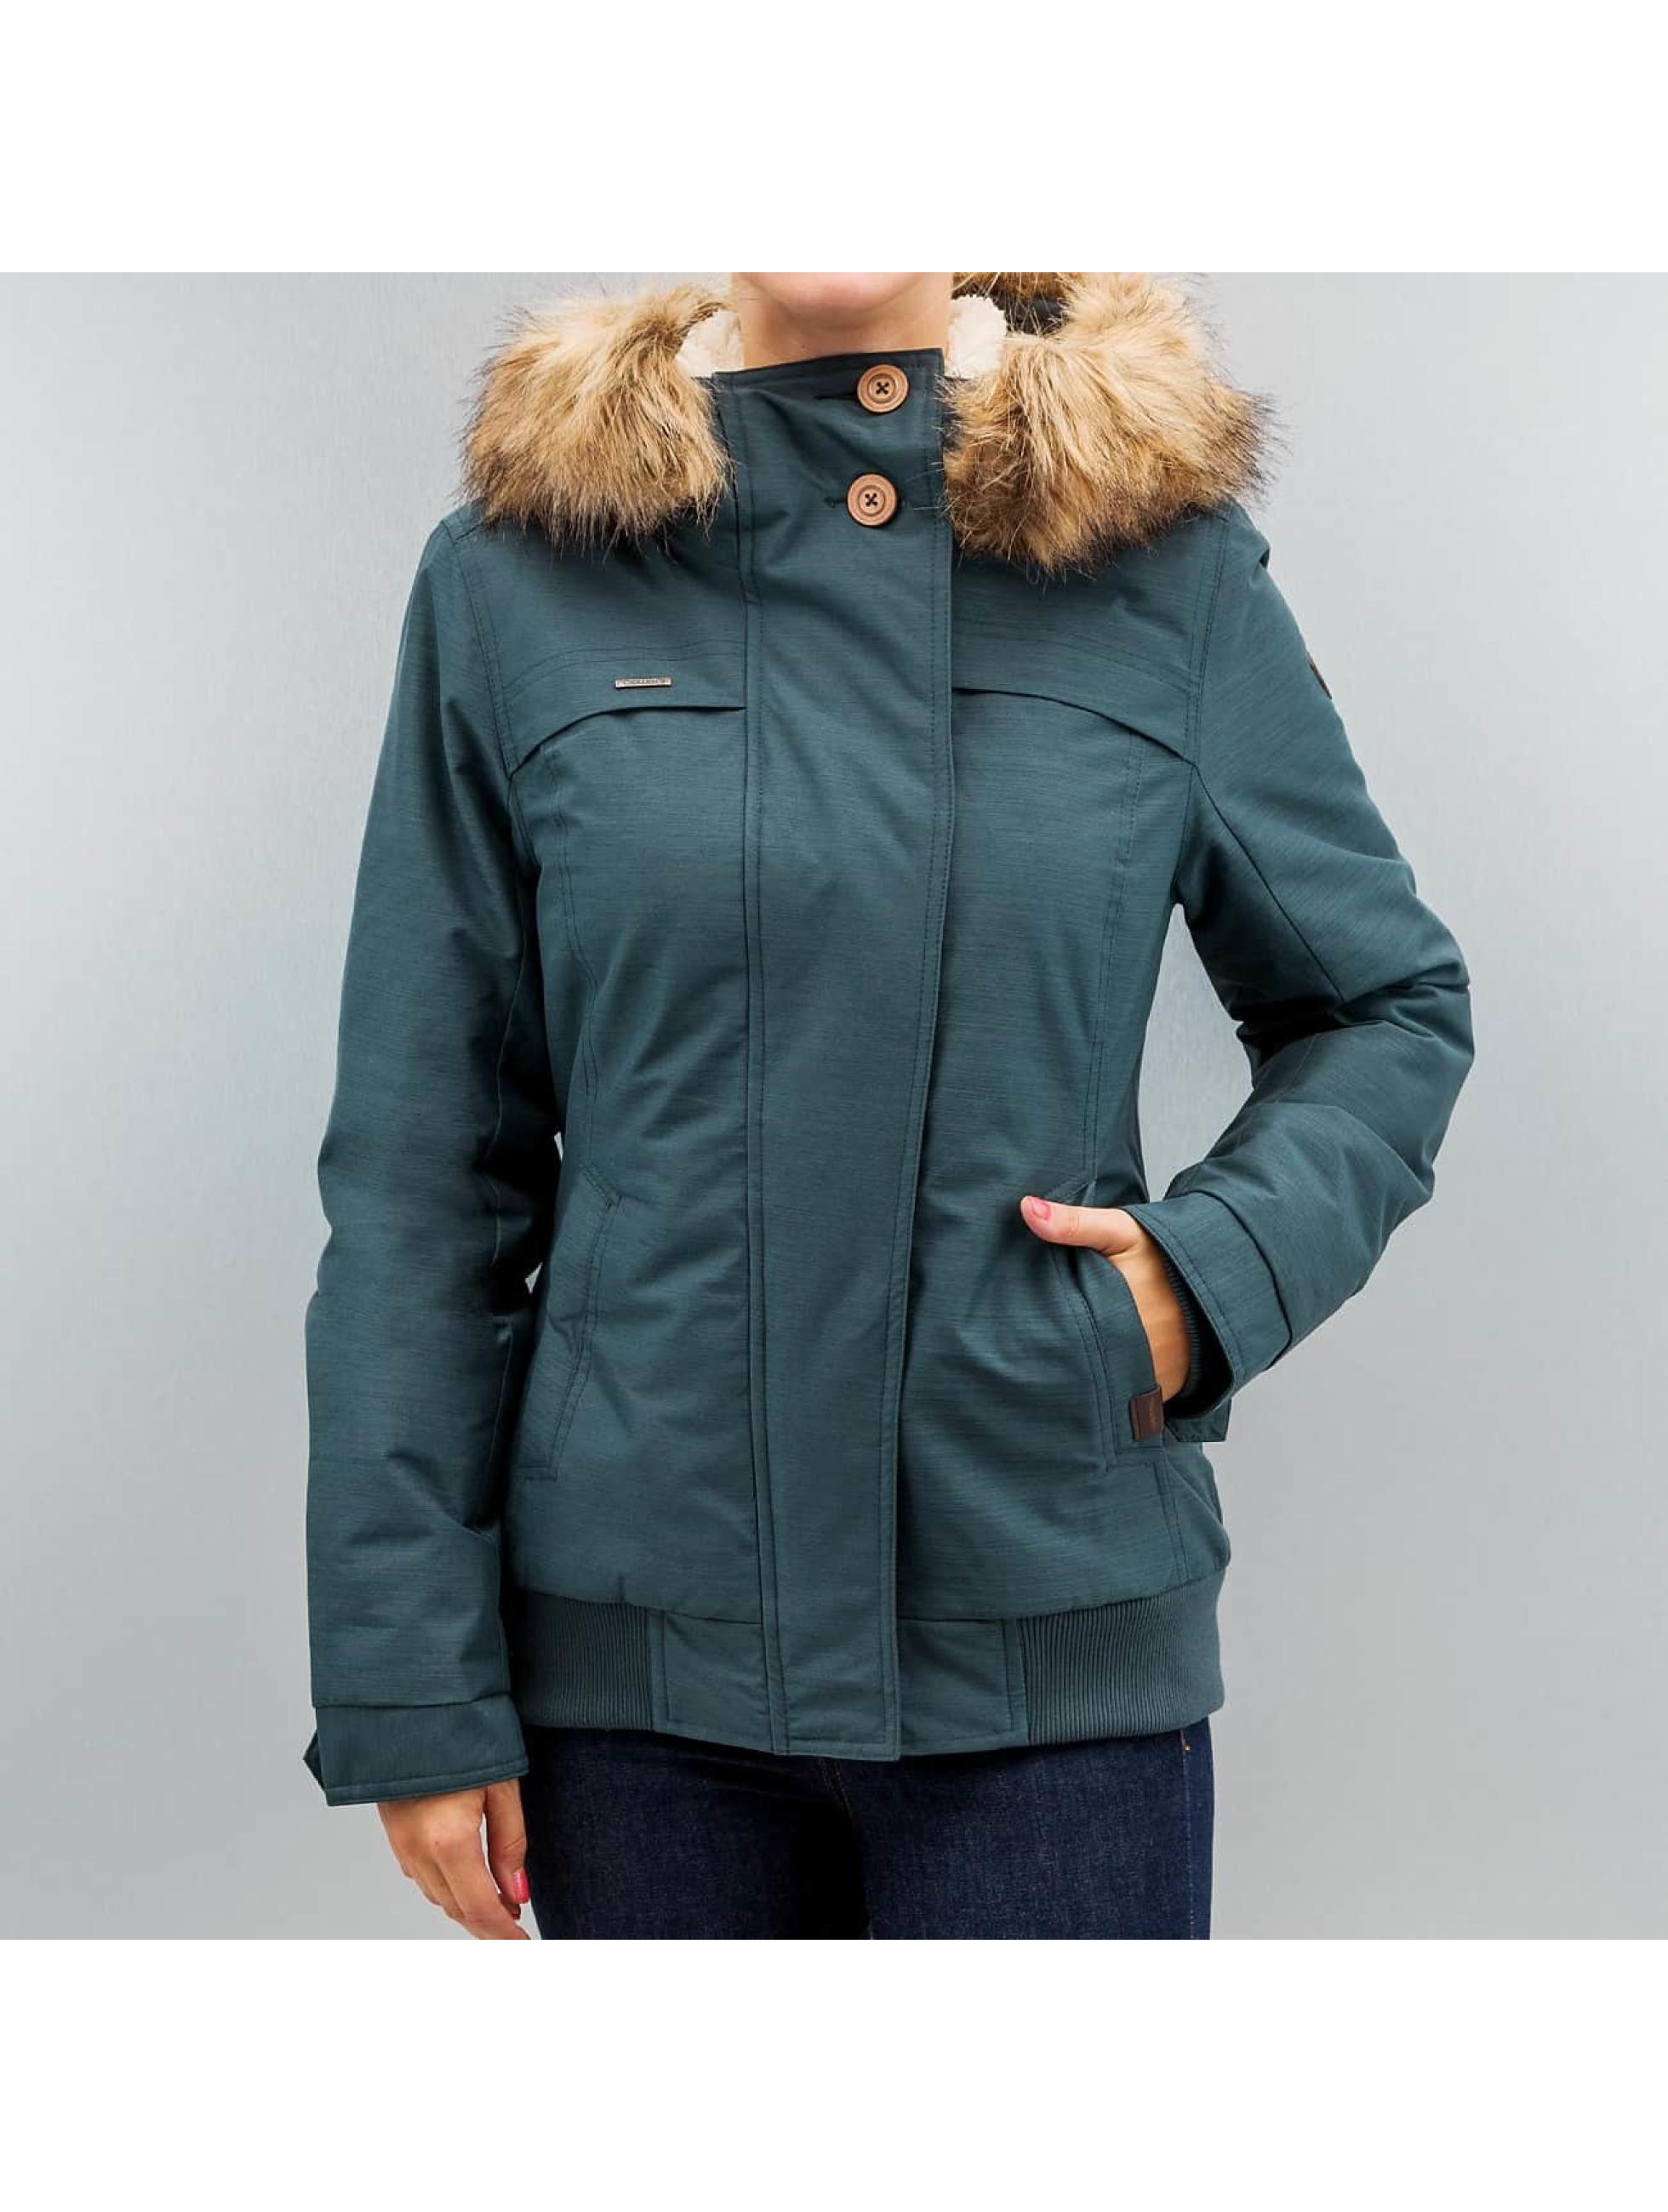 Ragwear Lightweight Jacket Wooki blue